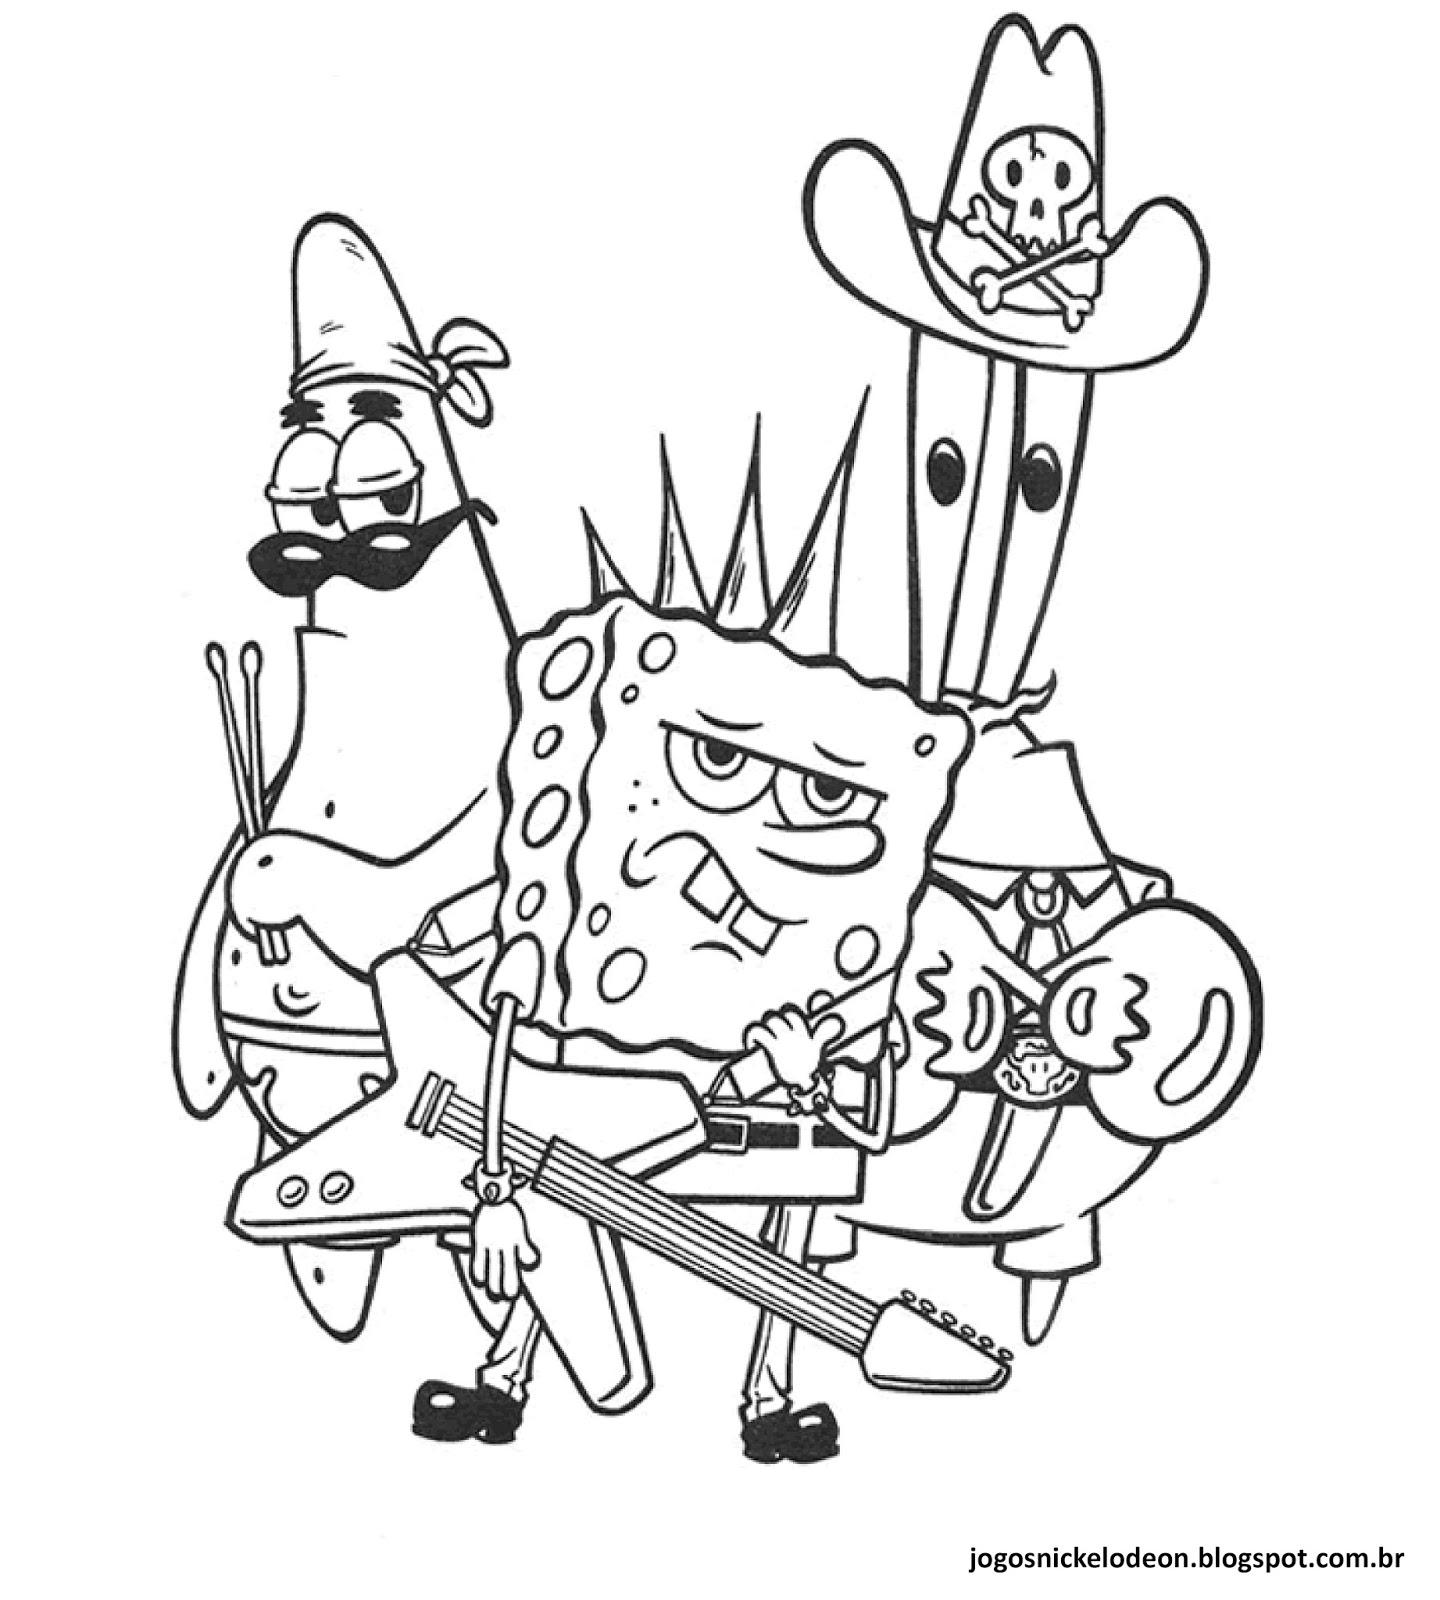 Jogos Da Nickelodeon: Desenhos Para Colorir Do Bob Esponja